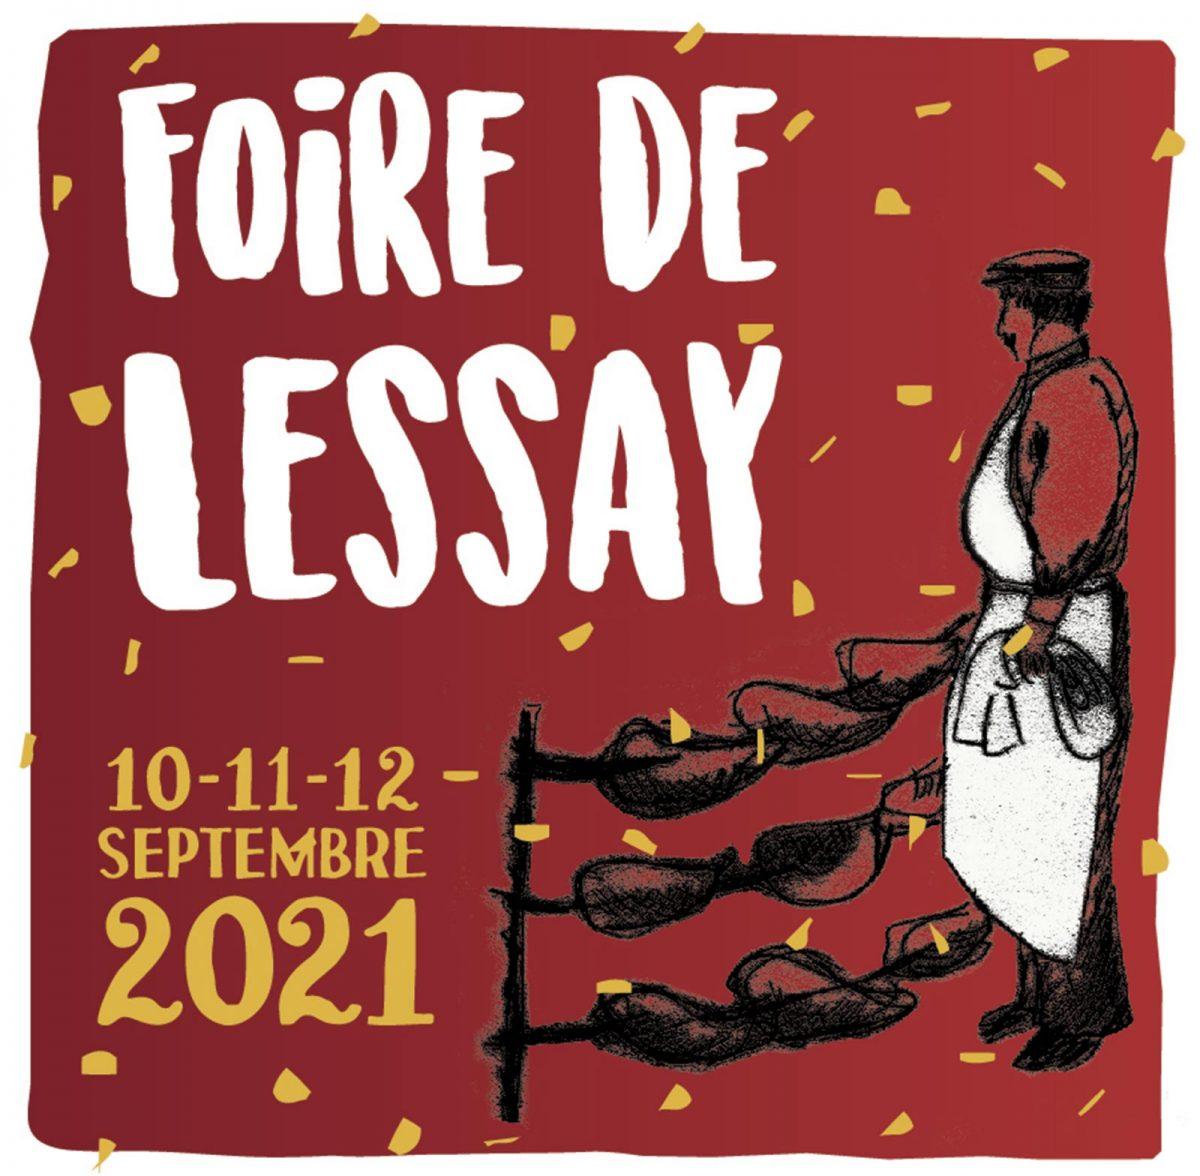 Affiche 2021 Foire de Lessay